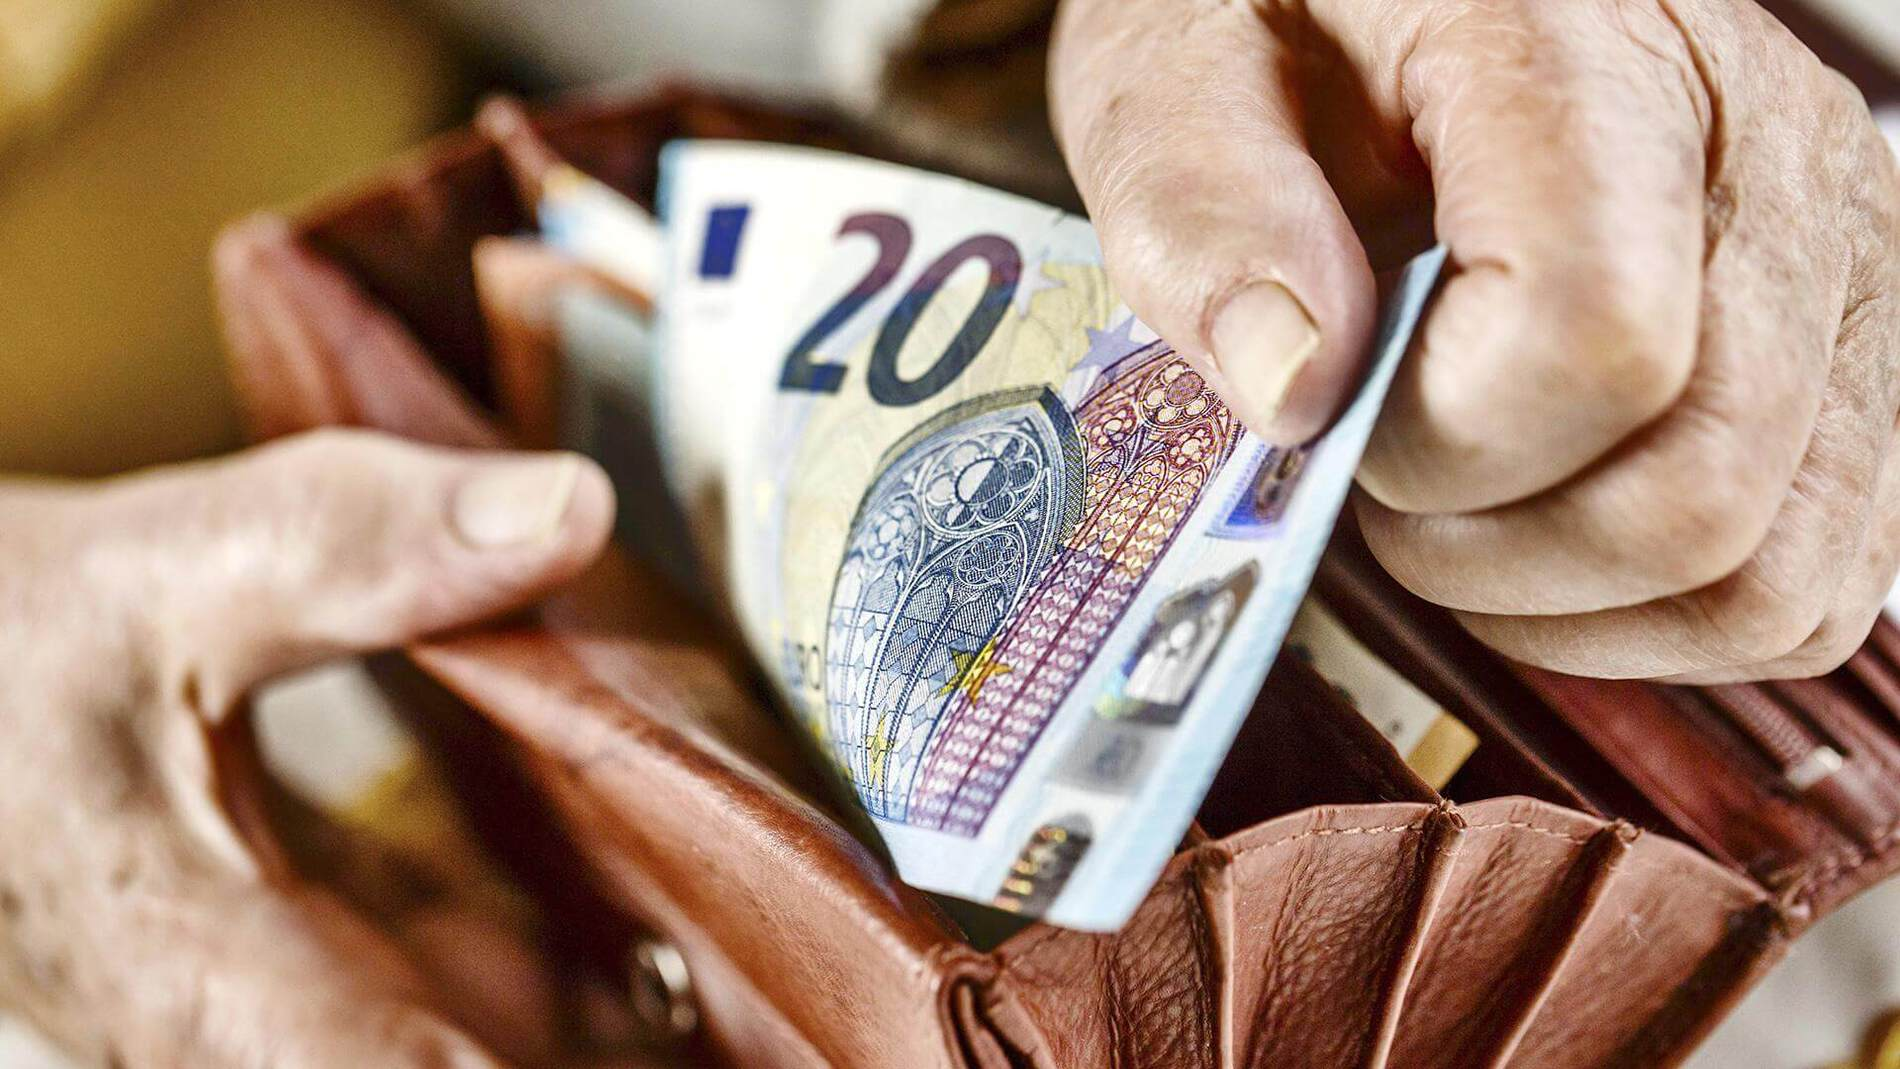 Польща чи Україна – де дешевше? Порівнюємо ціни на навчання - UniverPL